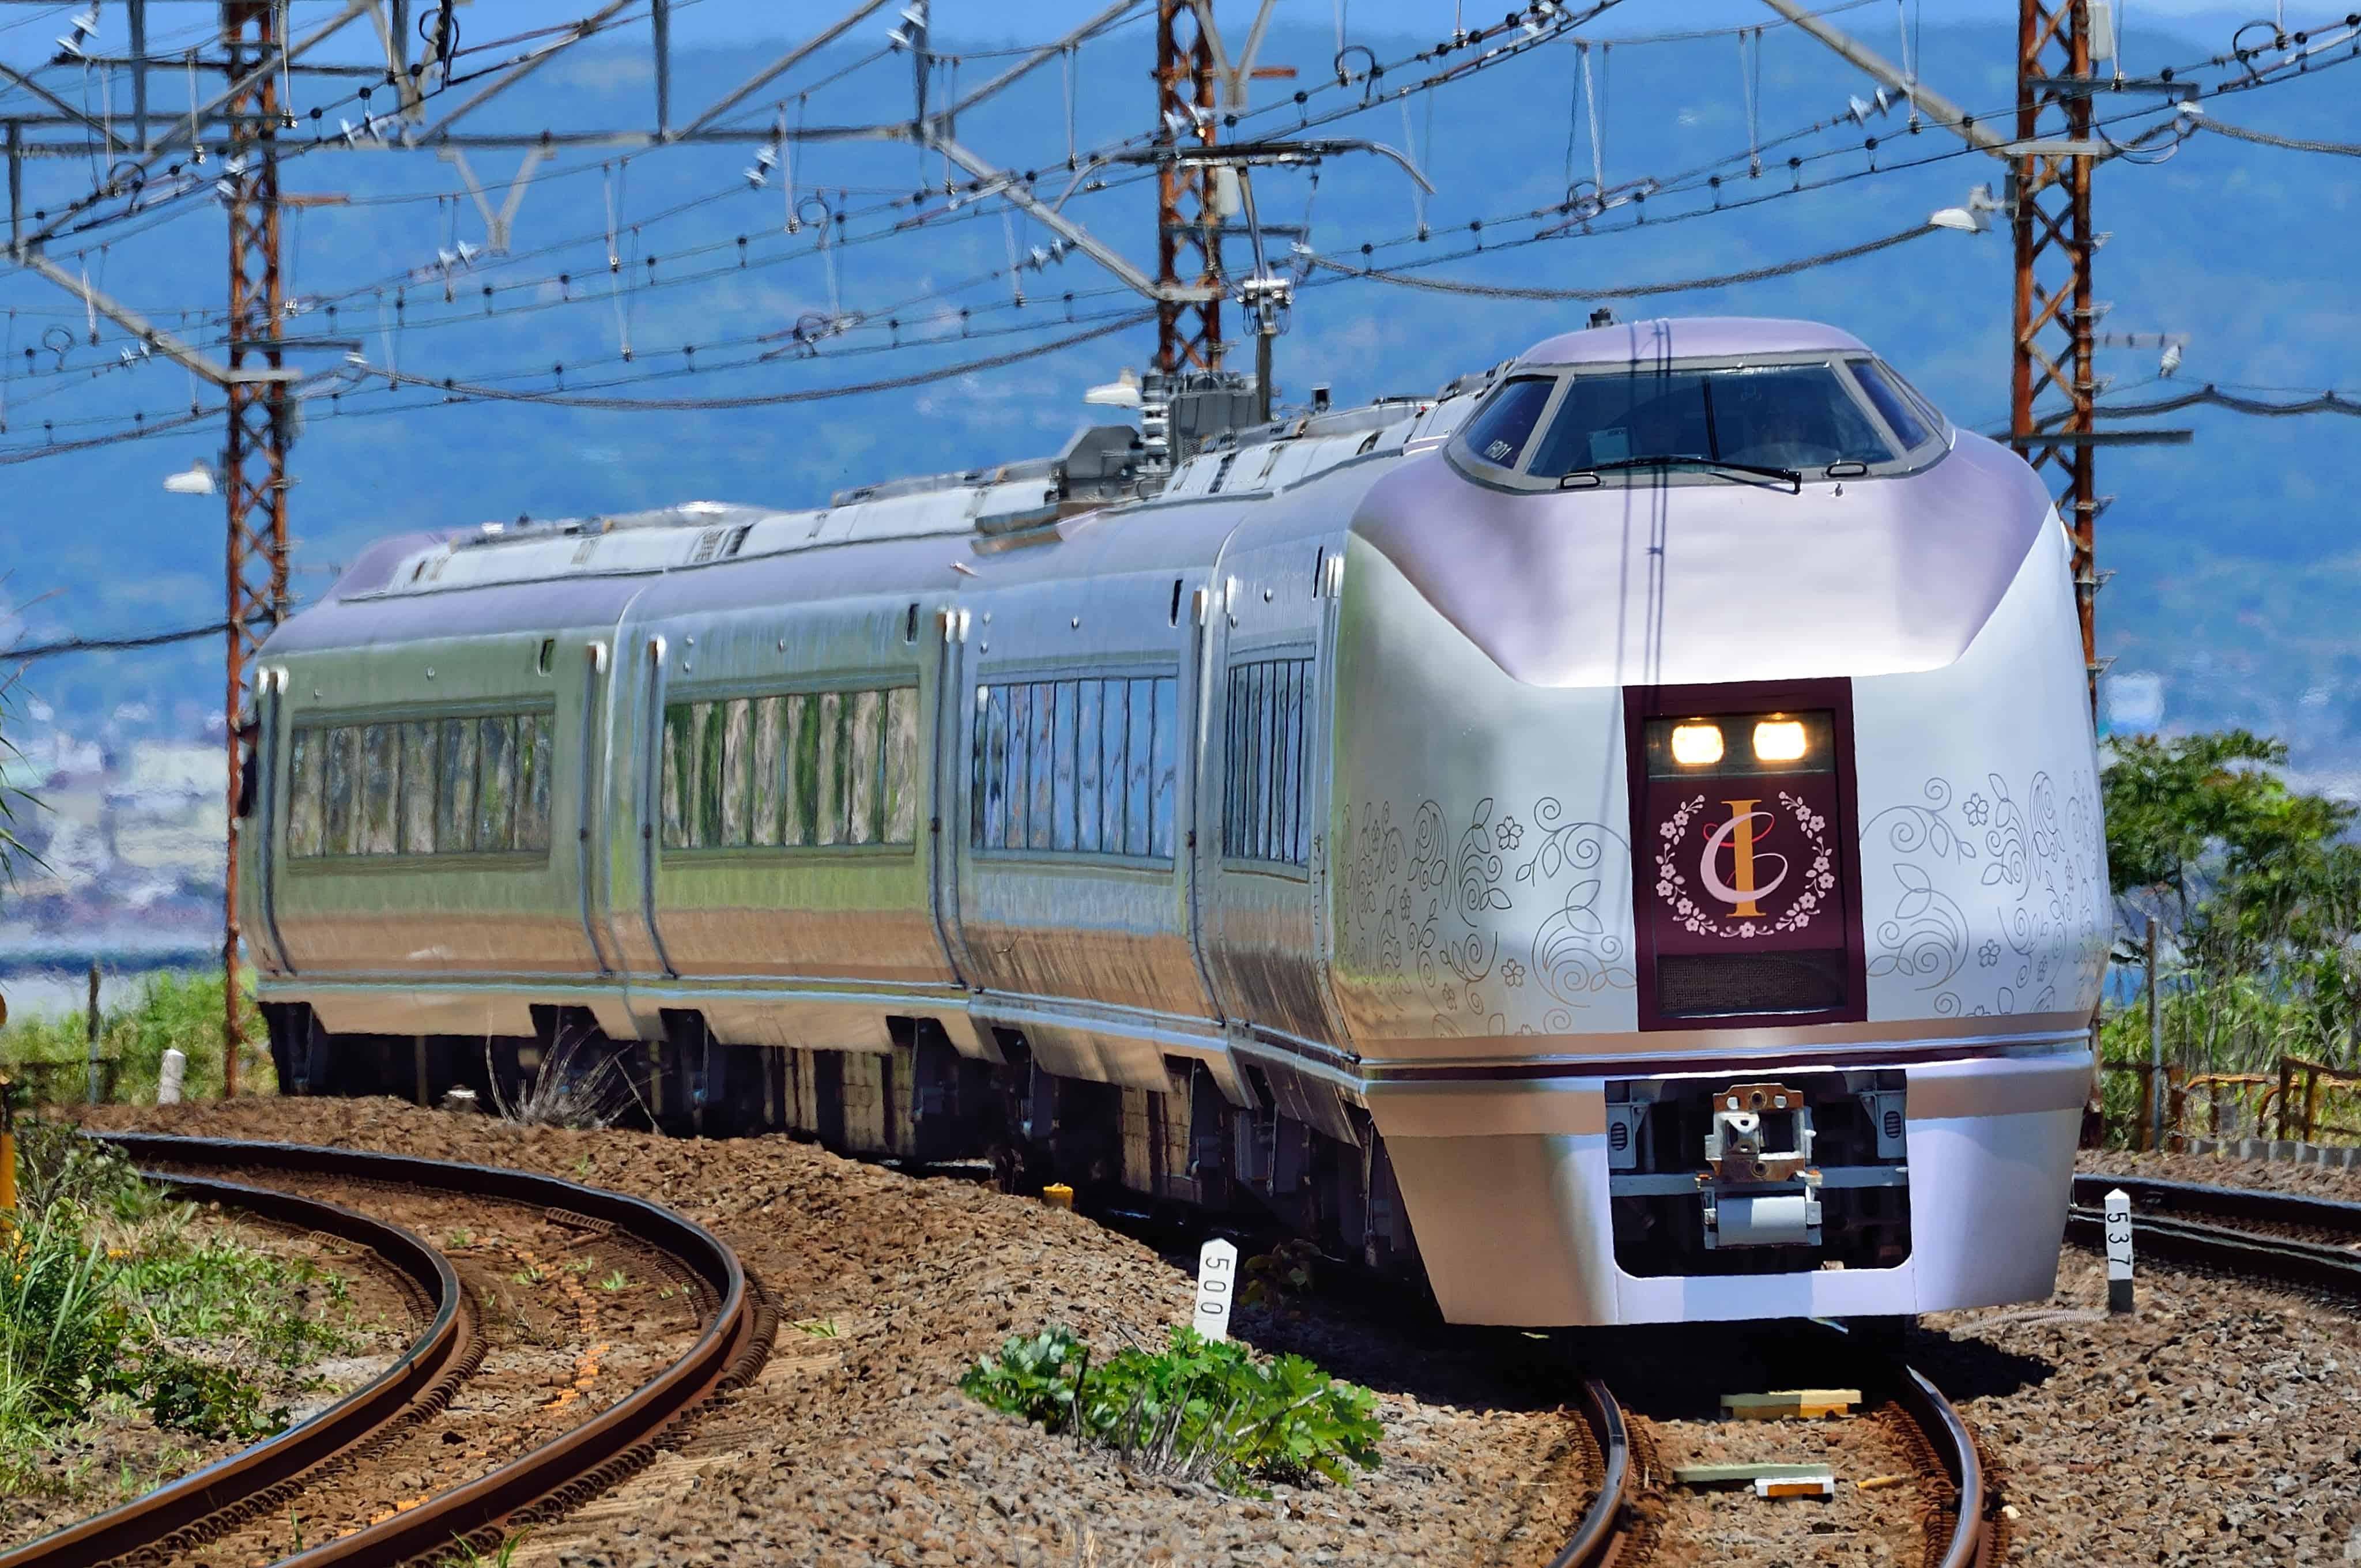 รถไฟขบวน IZU CRAILE Joyful train